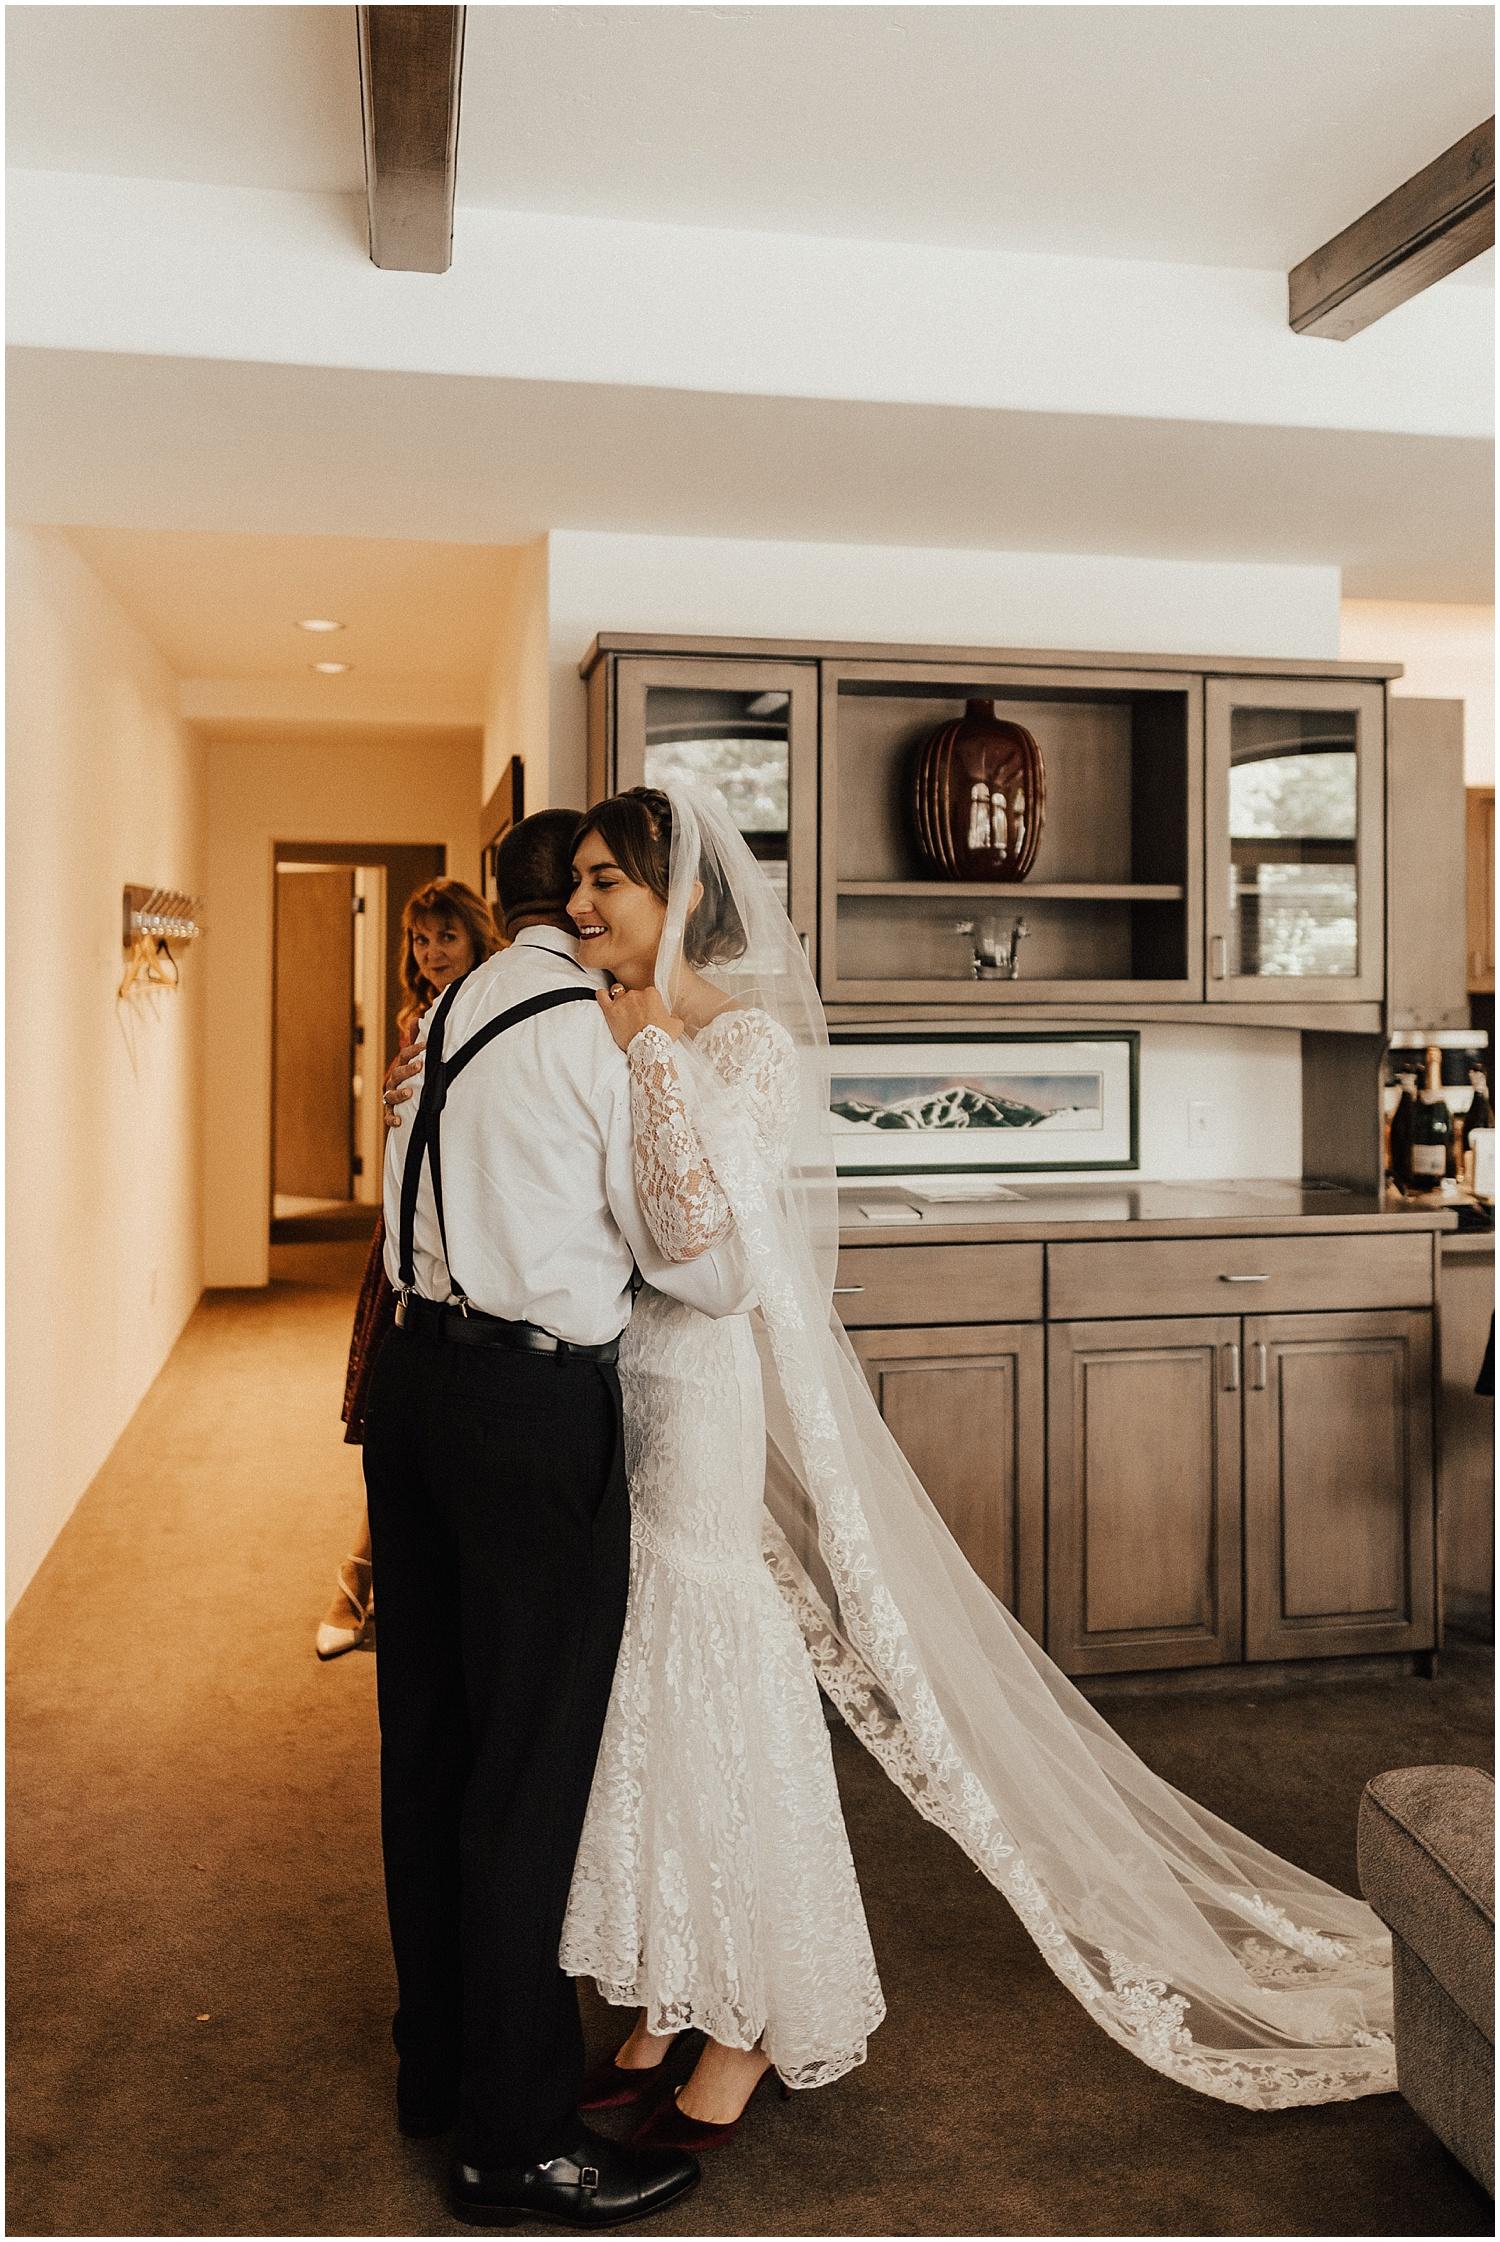 church-wedding-industrial-reception-sunvalley-idaho26.jpg